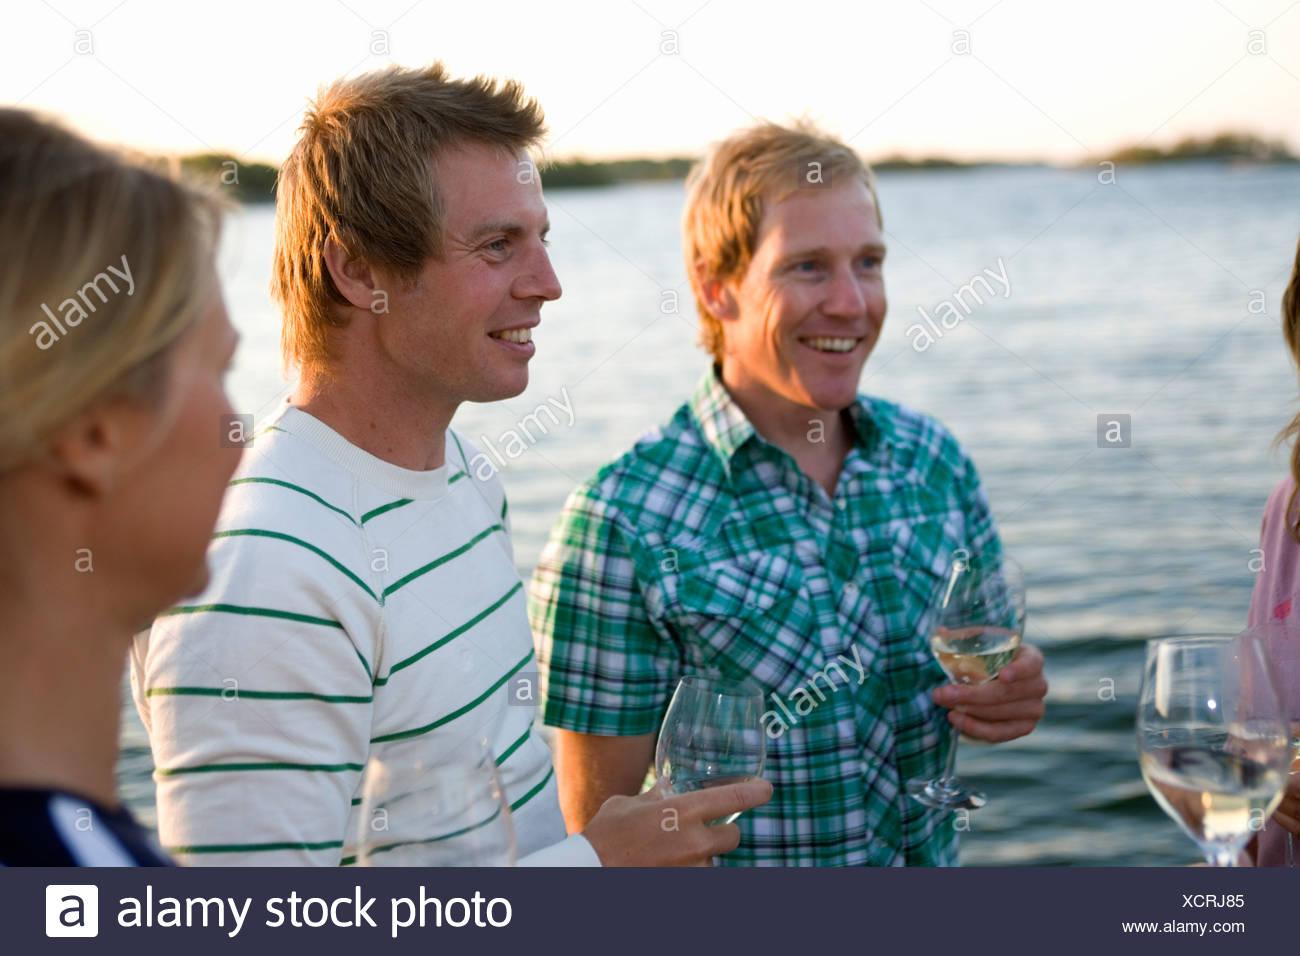 Trois personnes rire et boire, Fejan, archipel de Stockholm, Suède. Banque D'Images